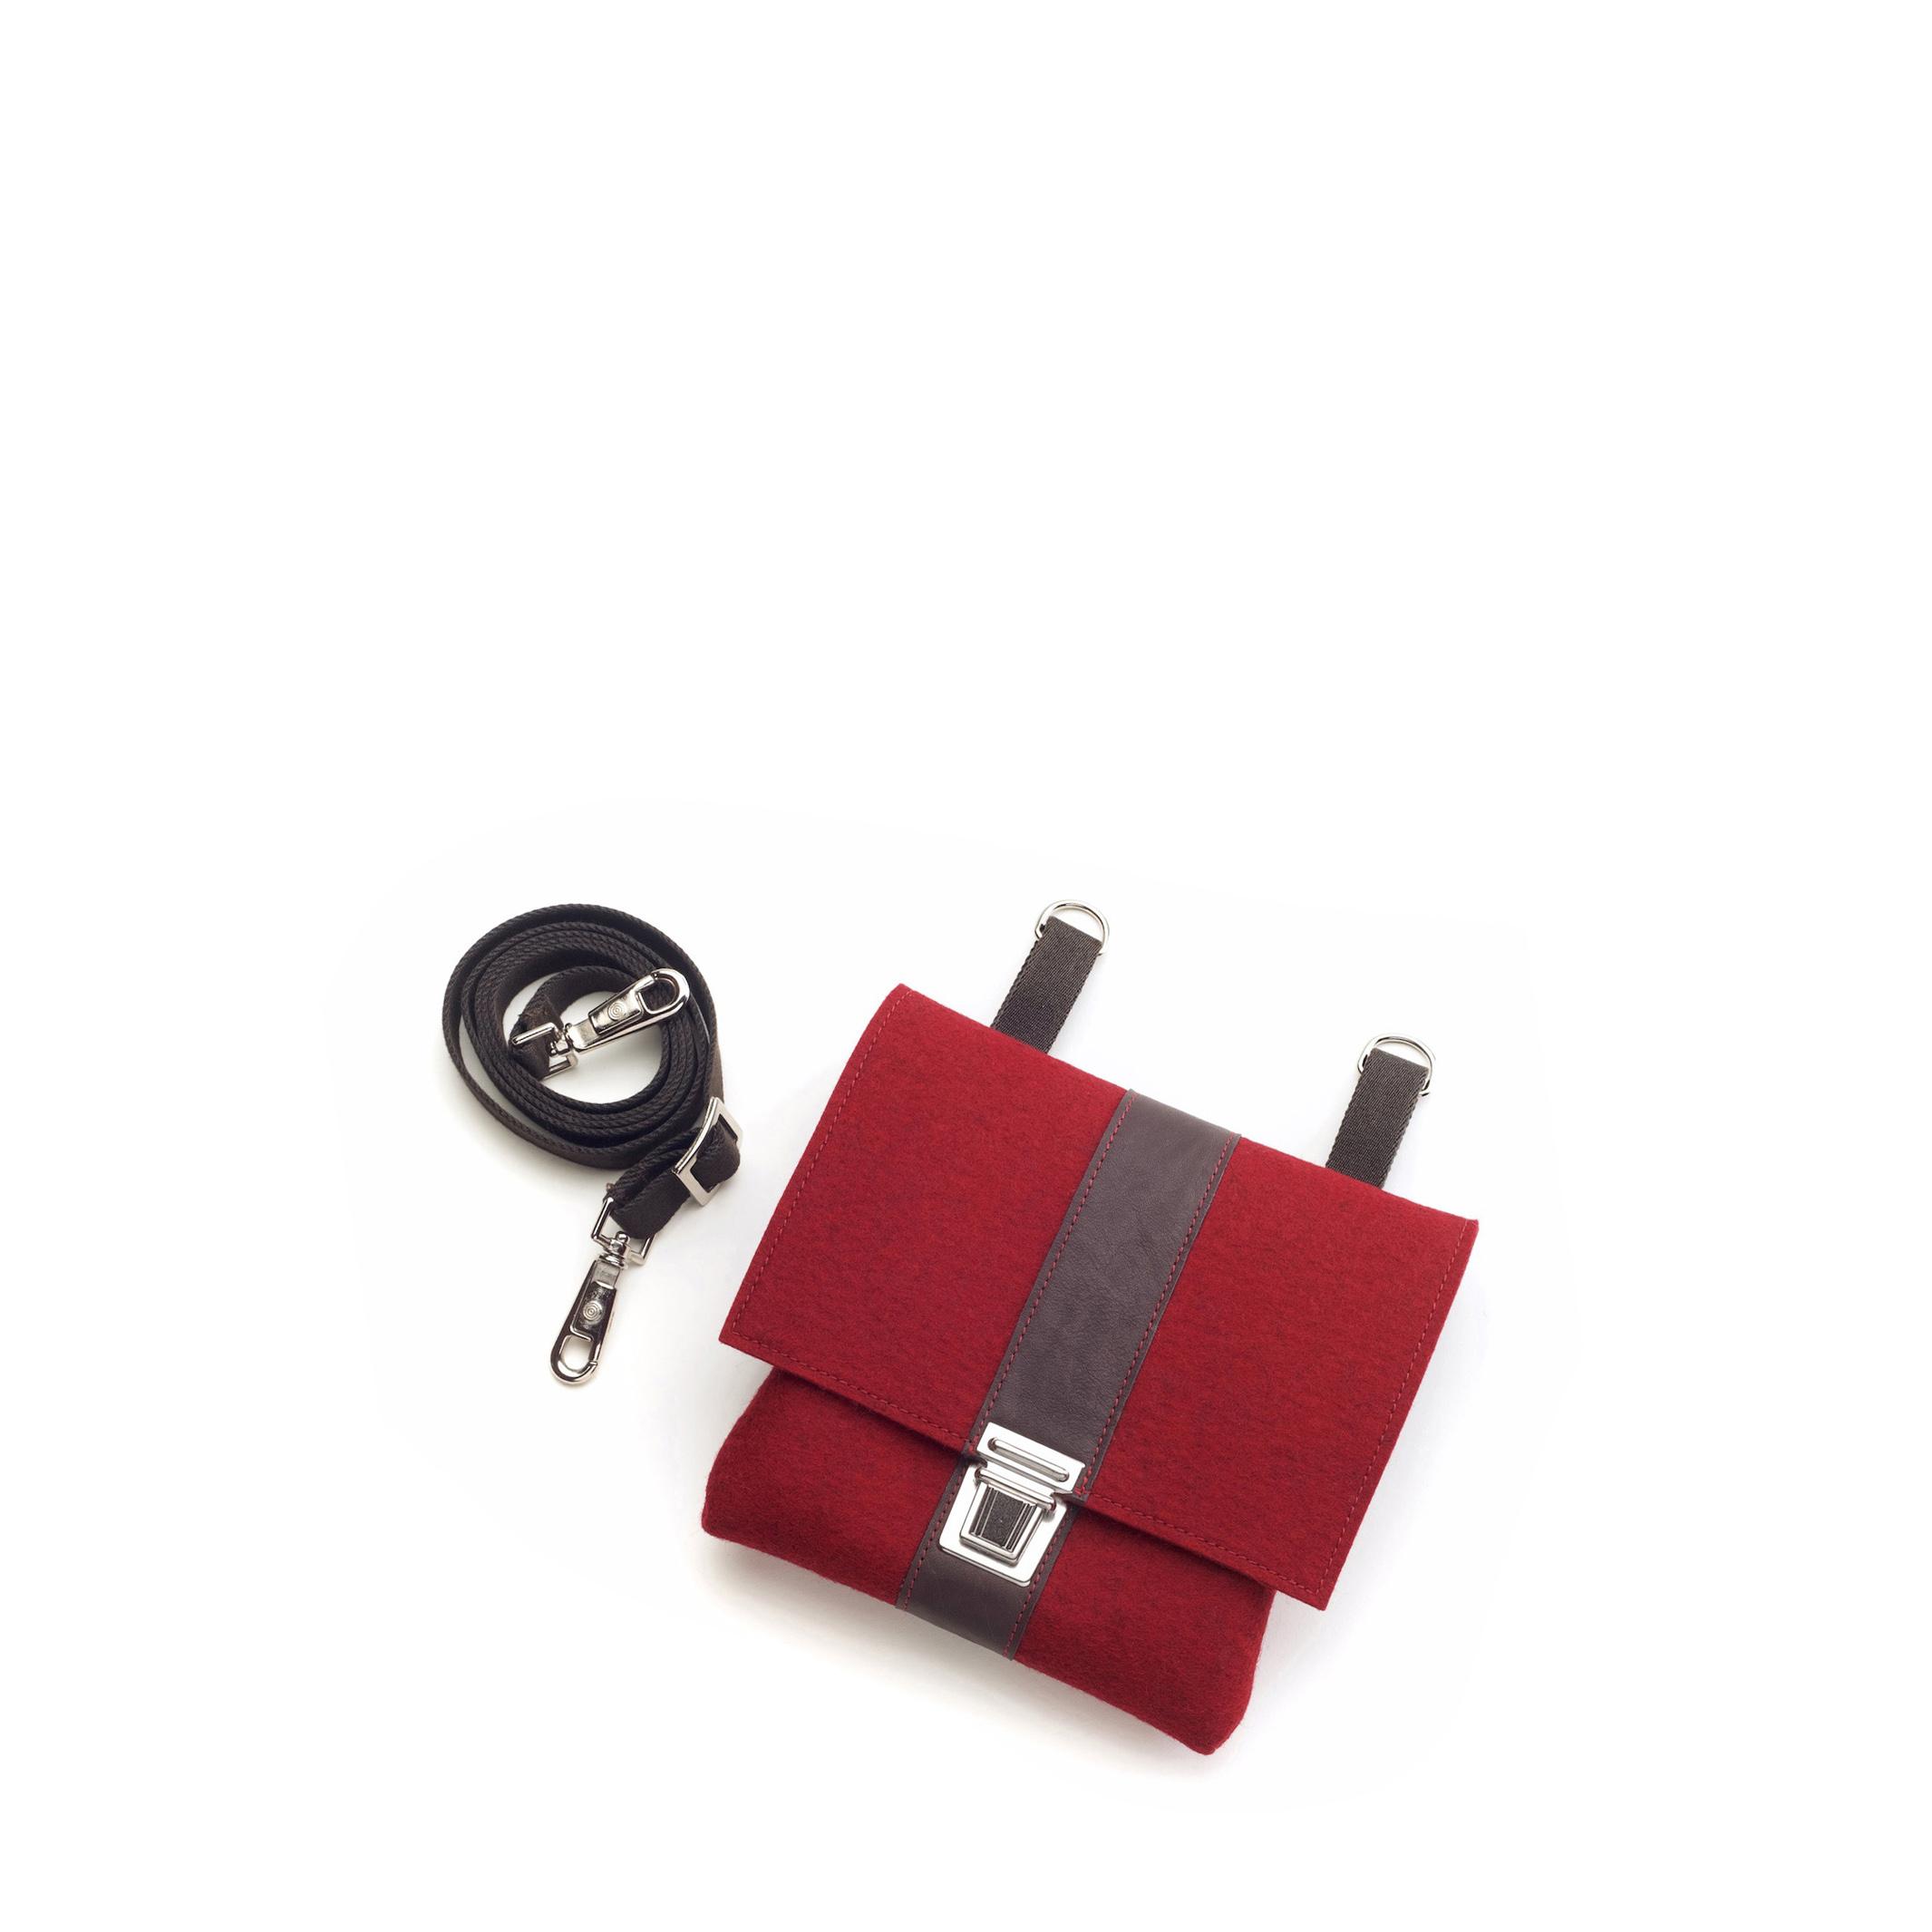 Handtasche Kleine Saskia in der Farbkombination Kirsch-Braun